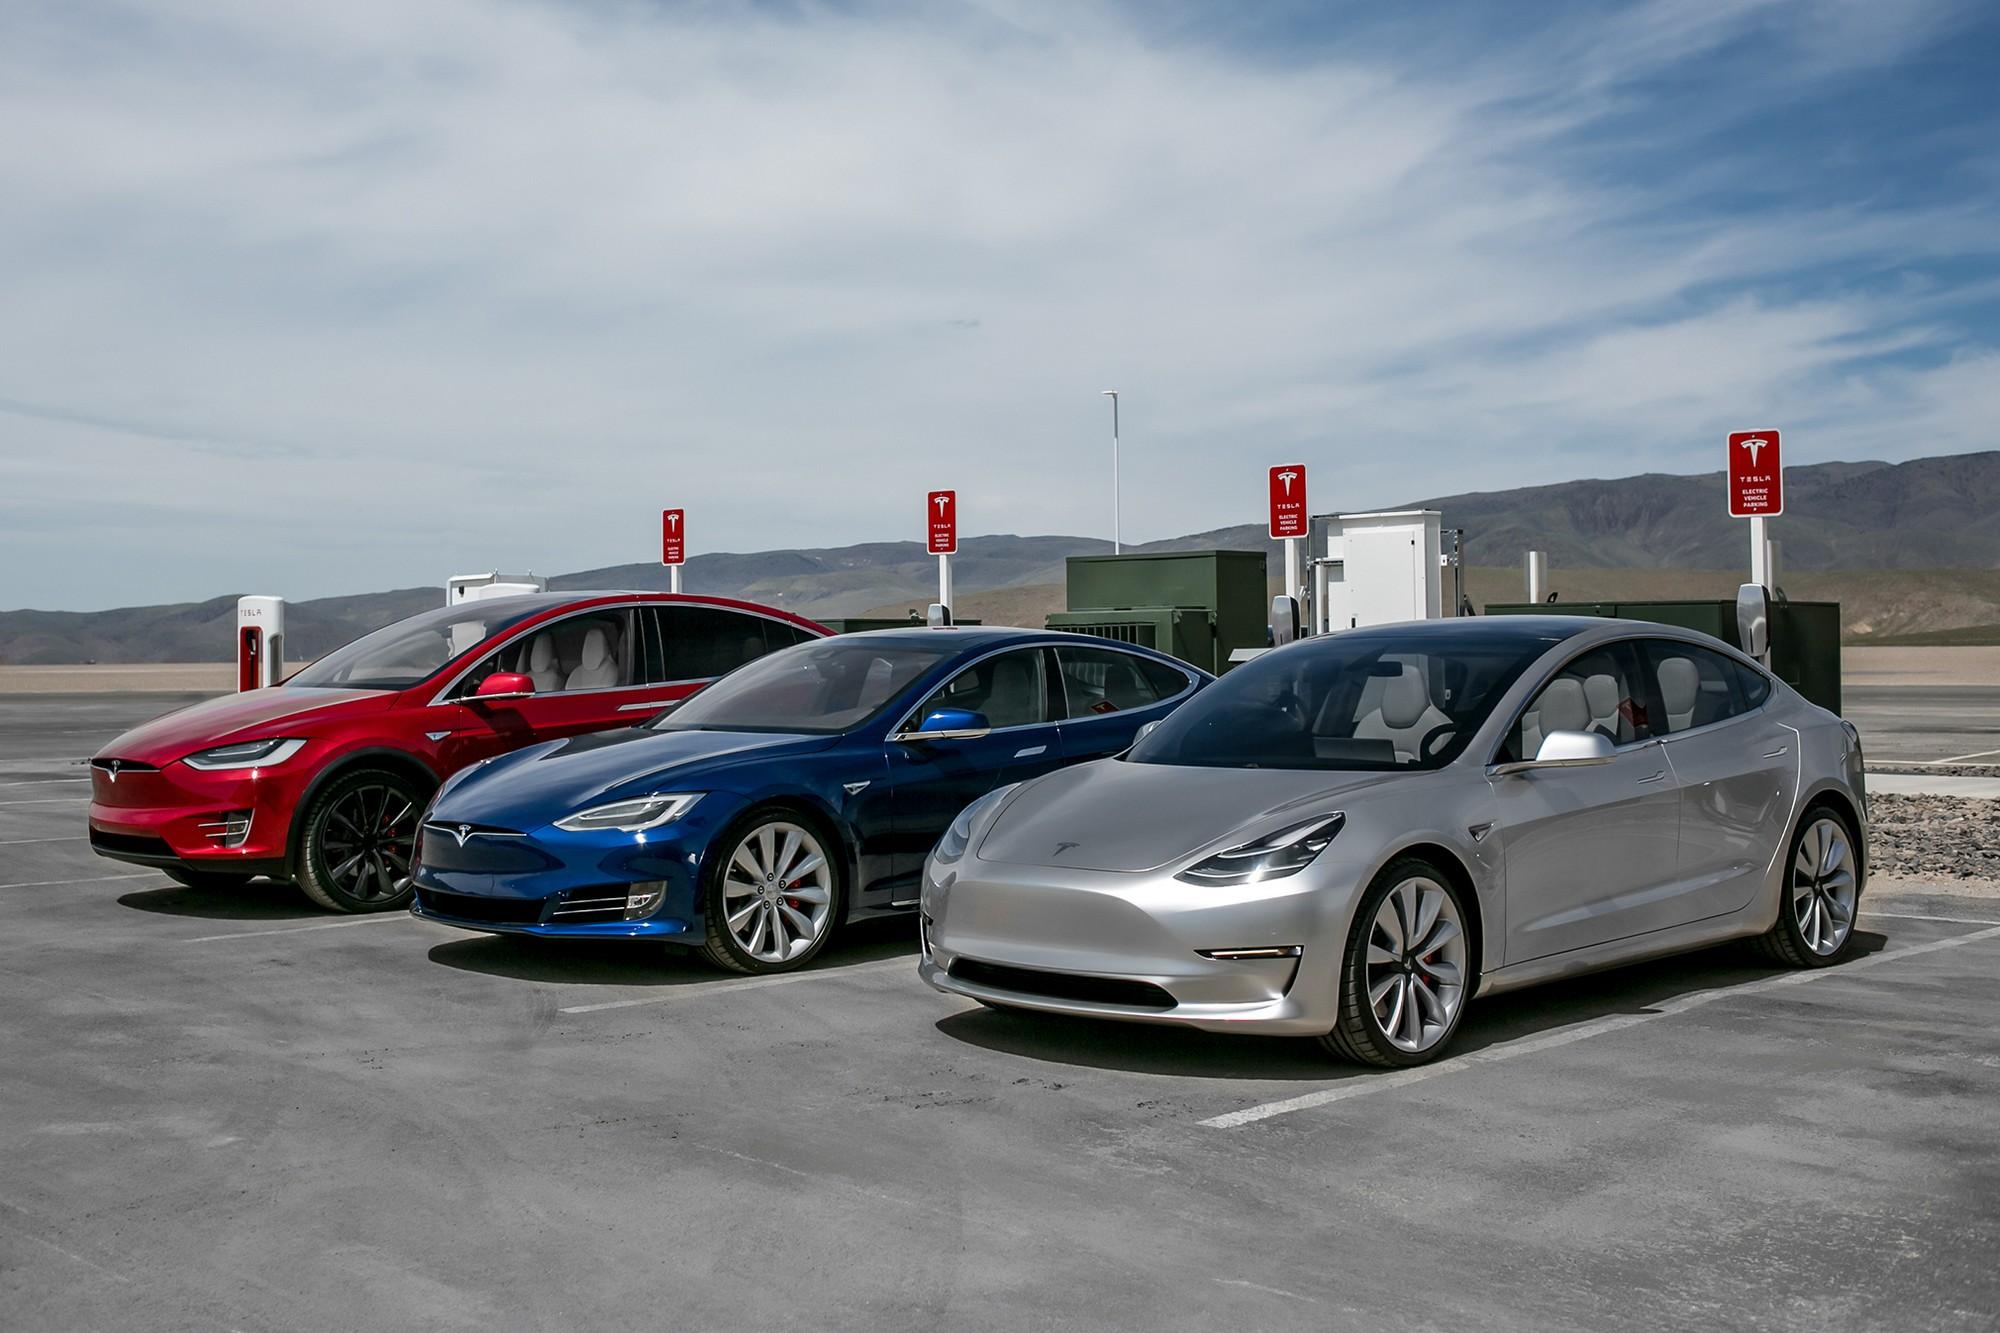 Tesla снизила стоимость своих электромобилей Model 3 теперь дешевле на $2,000 а Model S и Model X — на $5,000